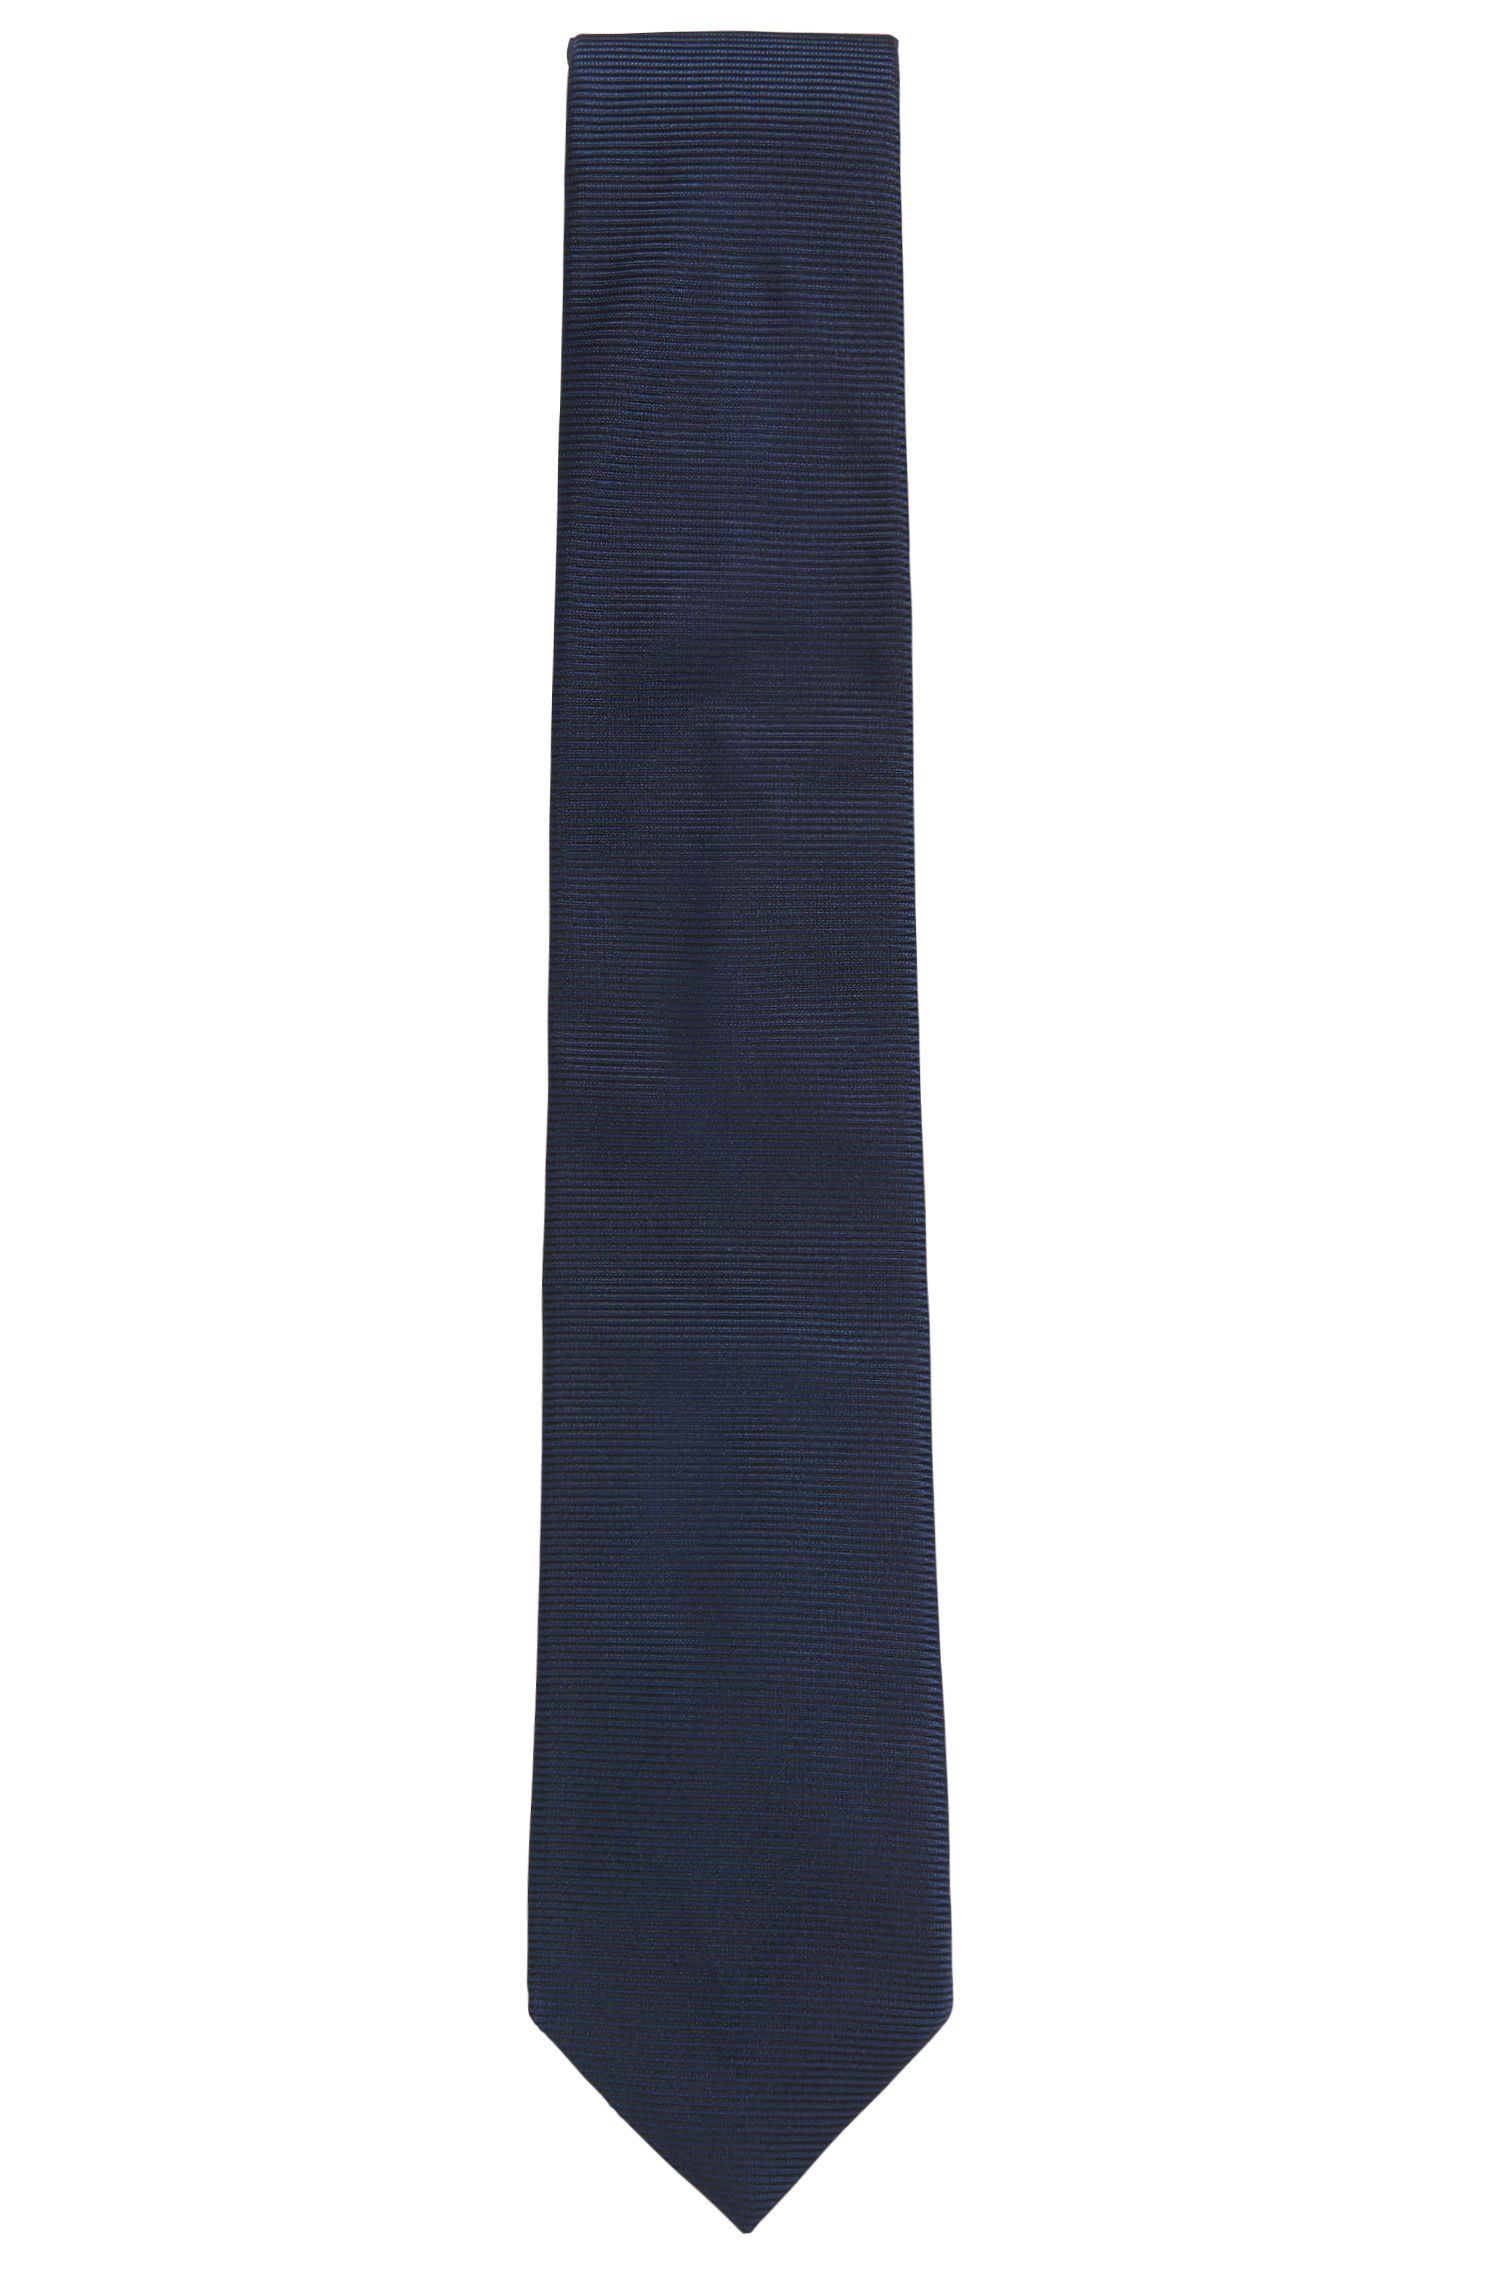 Cravatta in jacquard di seta realizzata in Italia